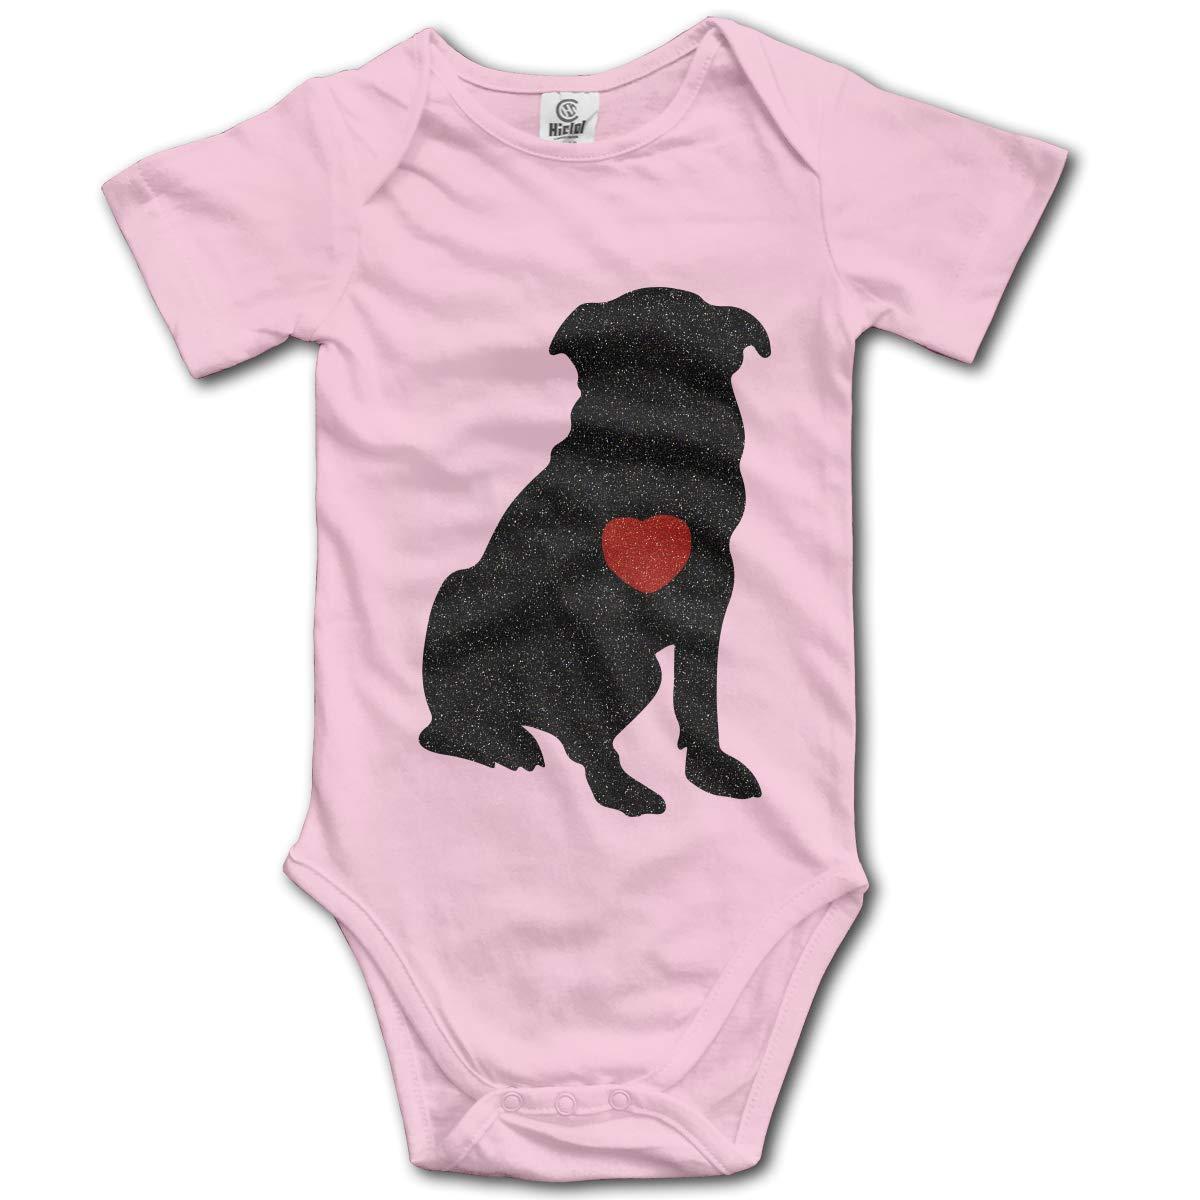 XHX Newborn Baby Dog Heart Short Sleeve Romper Onesie Bodysuit Jumpsuit